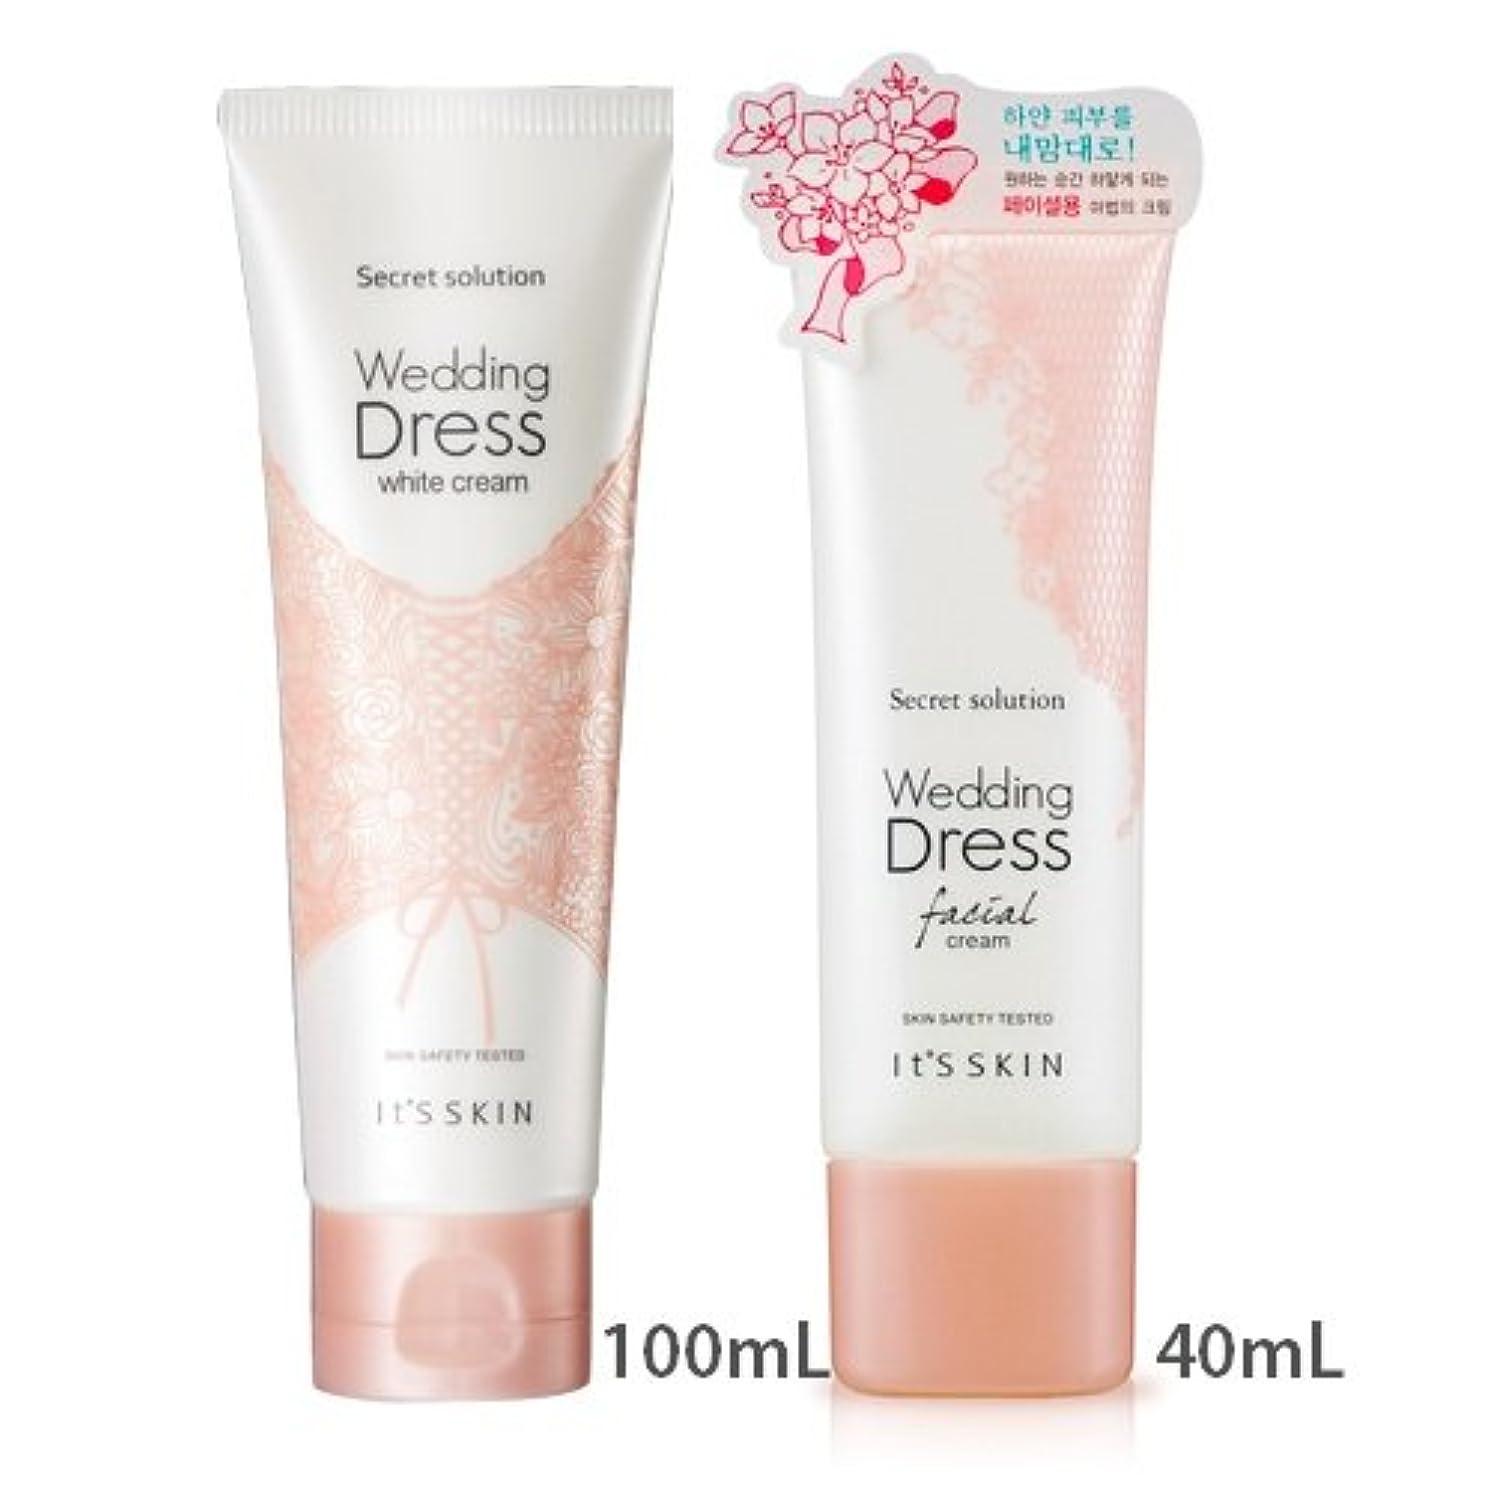 合図パーチナシティ許可[1+1] It's skin Secret Solution Wedding Dress Facial Cream 40mL + Secret Solution Wedding Dress Cream 100mL イッツスキン...